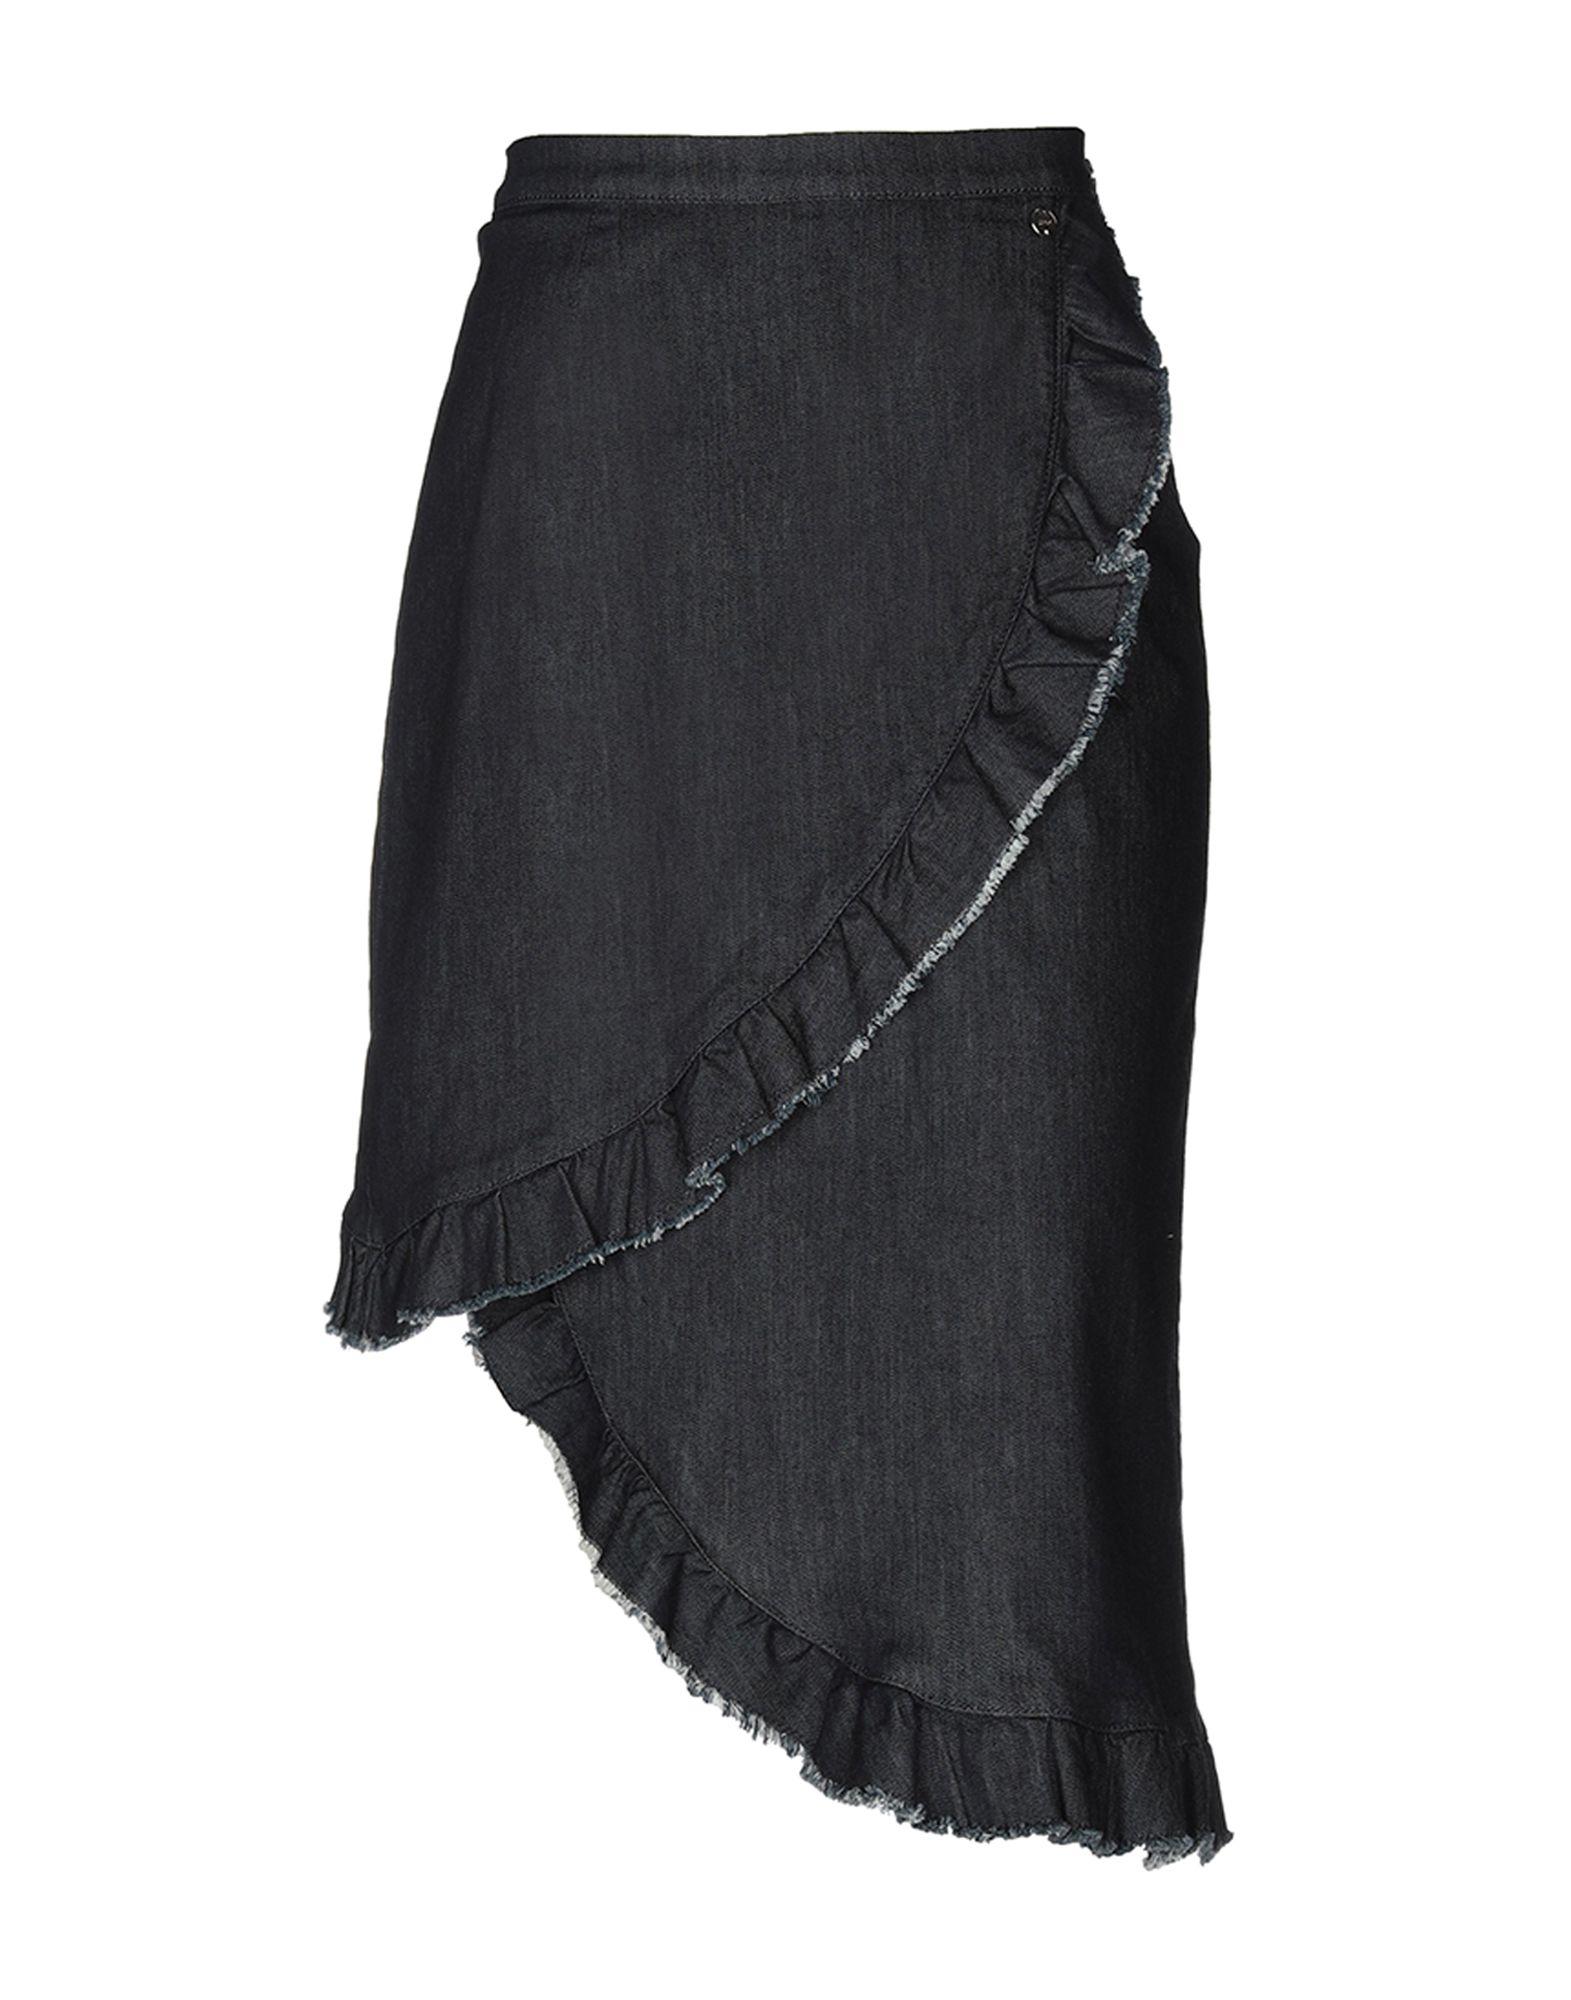 LIU •JO Джинсовая юбка vinemo vorneoco корейская версия высокой талии слот пакет юбка джинсовая юбка юбка юбка r1540 серый xl